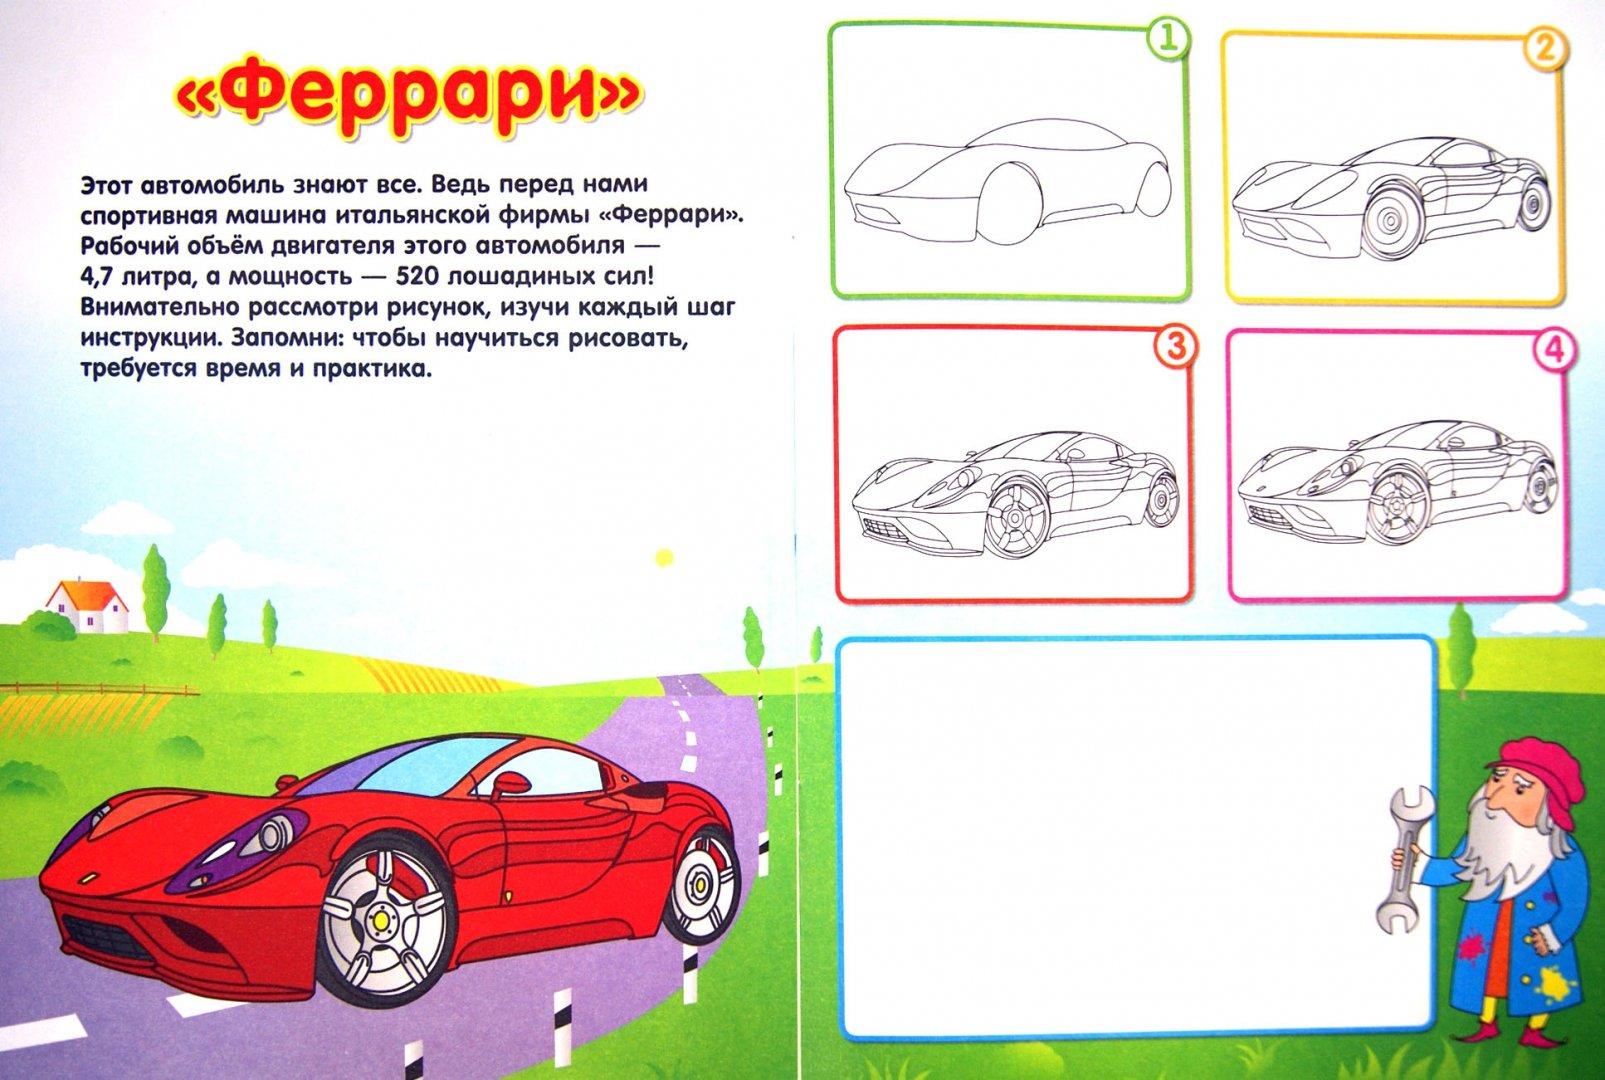 Иллюстрация 1 из 6 для Учимся рисовать. Автомобили. Многоразовые картинки | Лабиринт - книги. Источник: Лабиринт